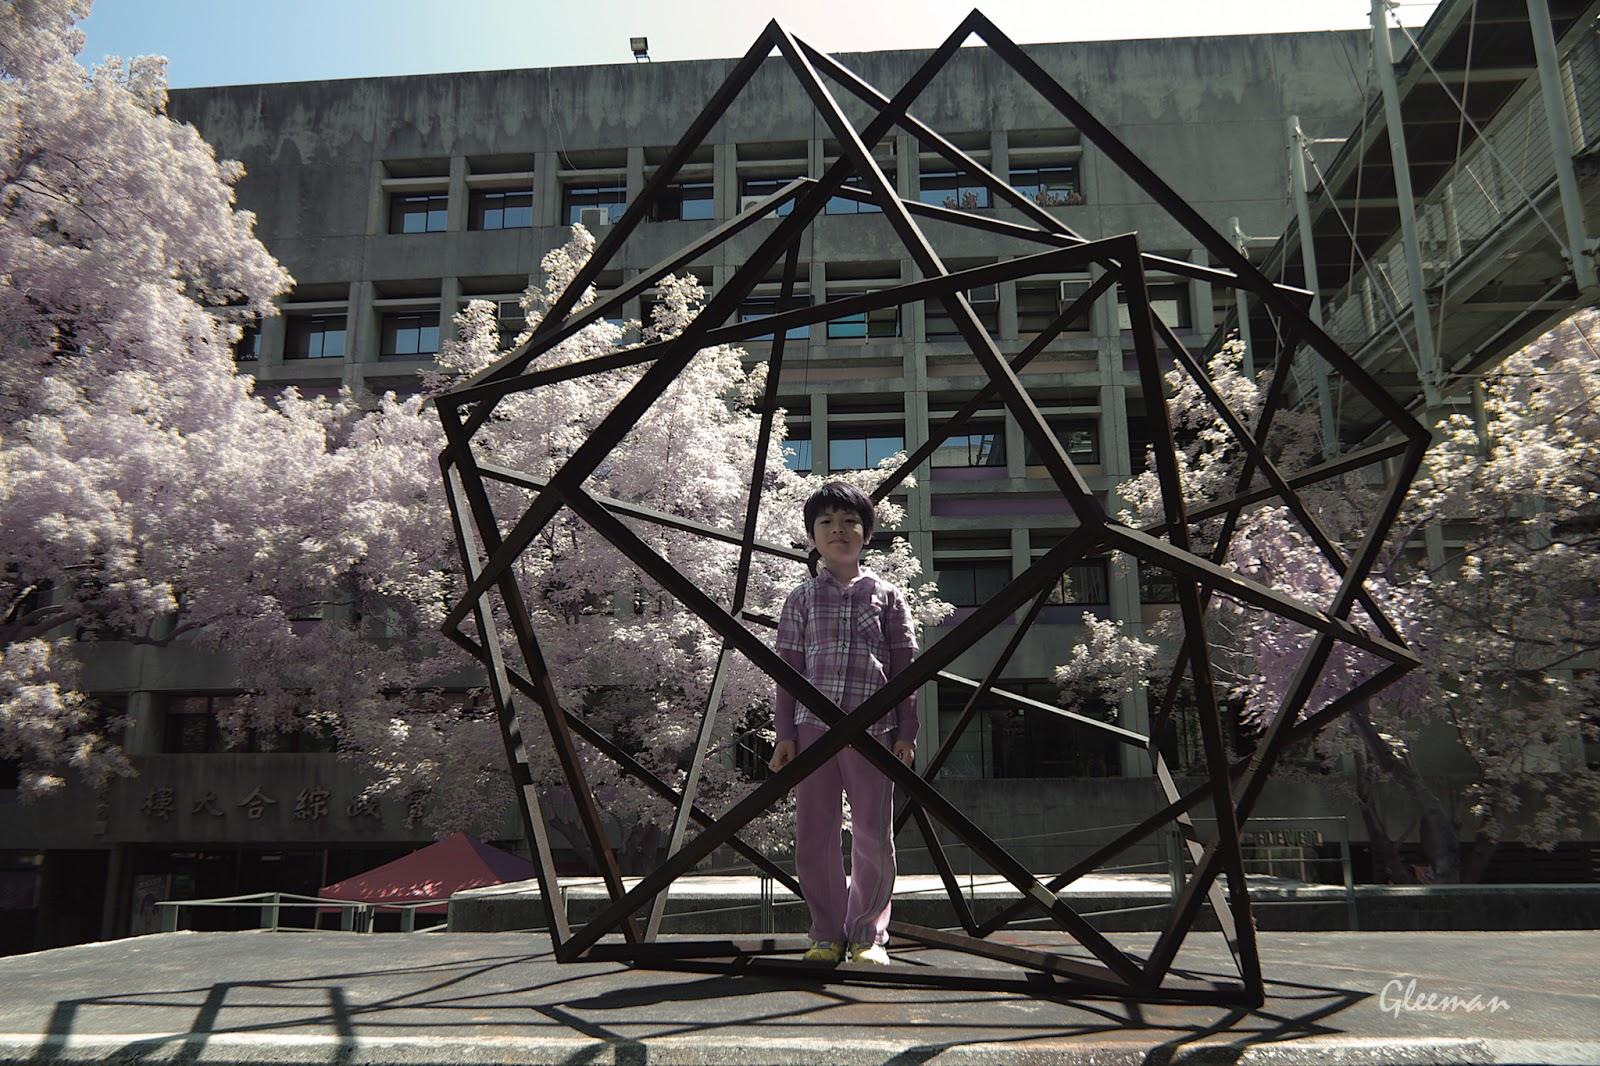 彩色紅外線攝影 (Pentax K5 Color IR),在實踐大學。